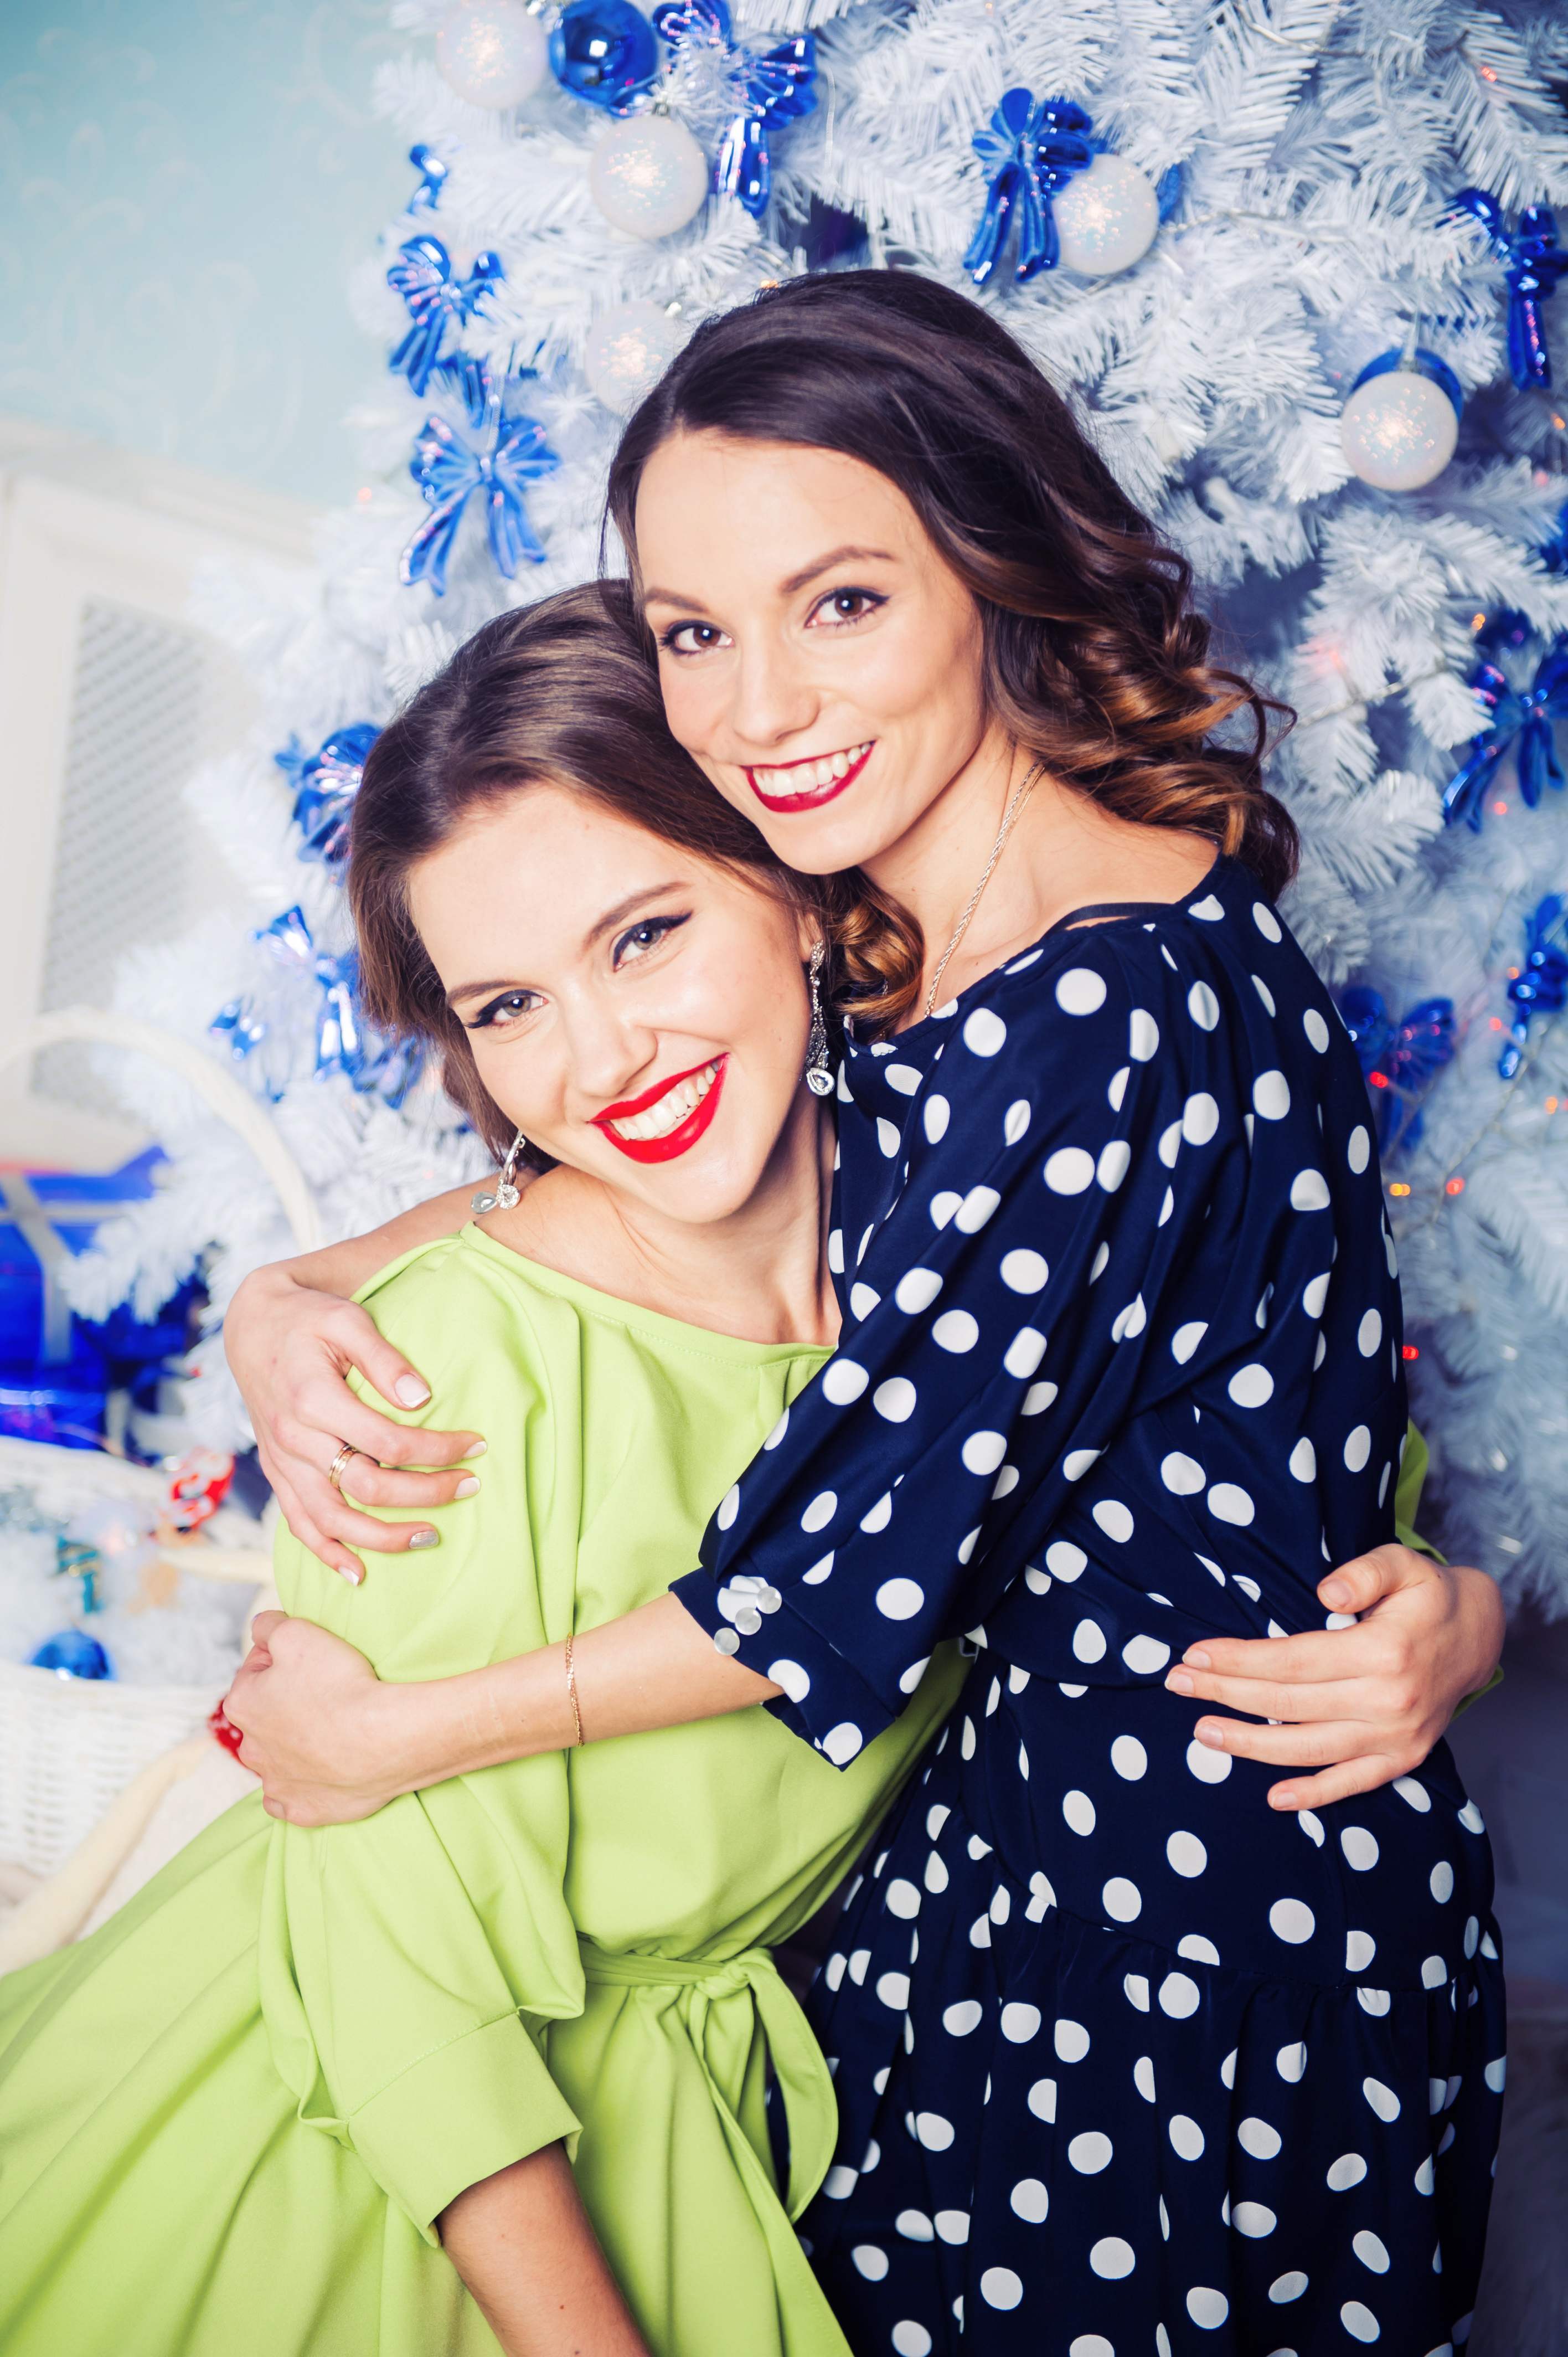 Стильные прически на Рождество в Москве